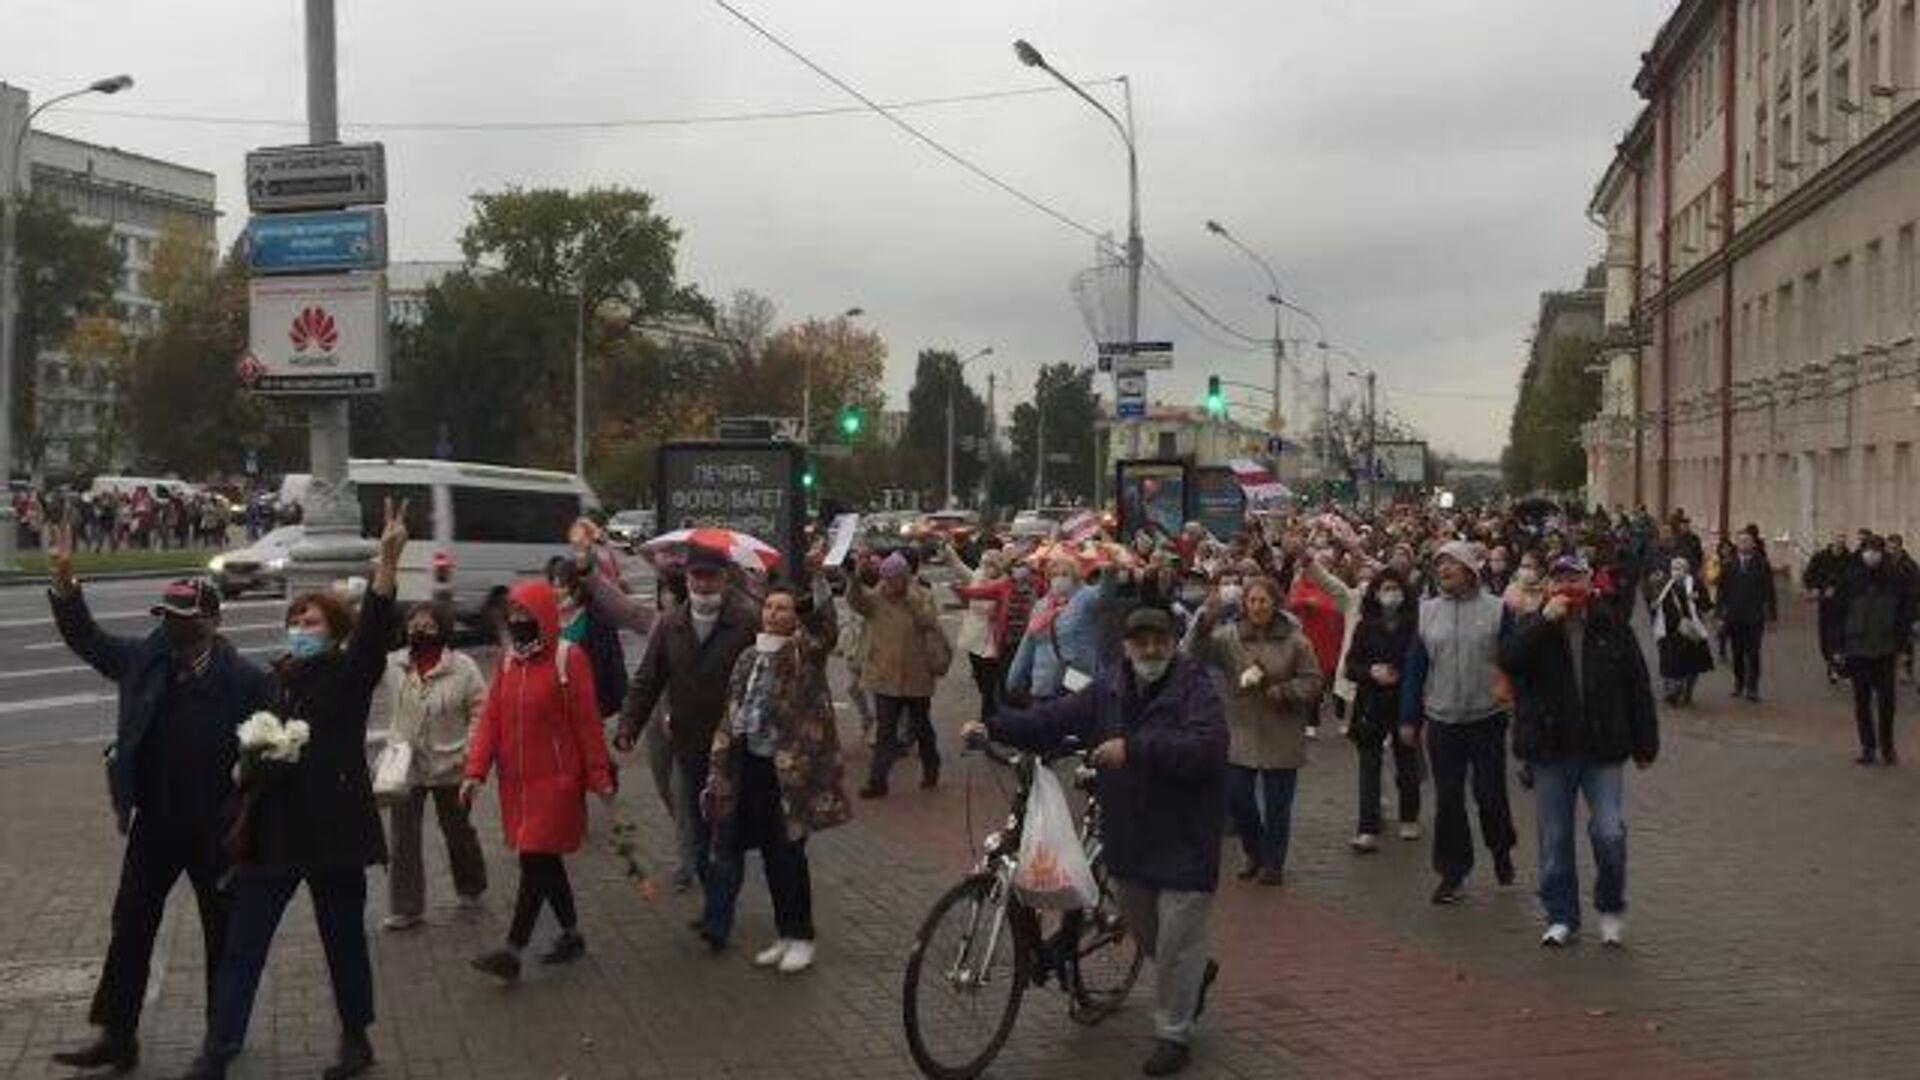 Колонна протестующих на акции в Минске - РИА Новости, 1920, 12.10.2020